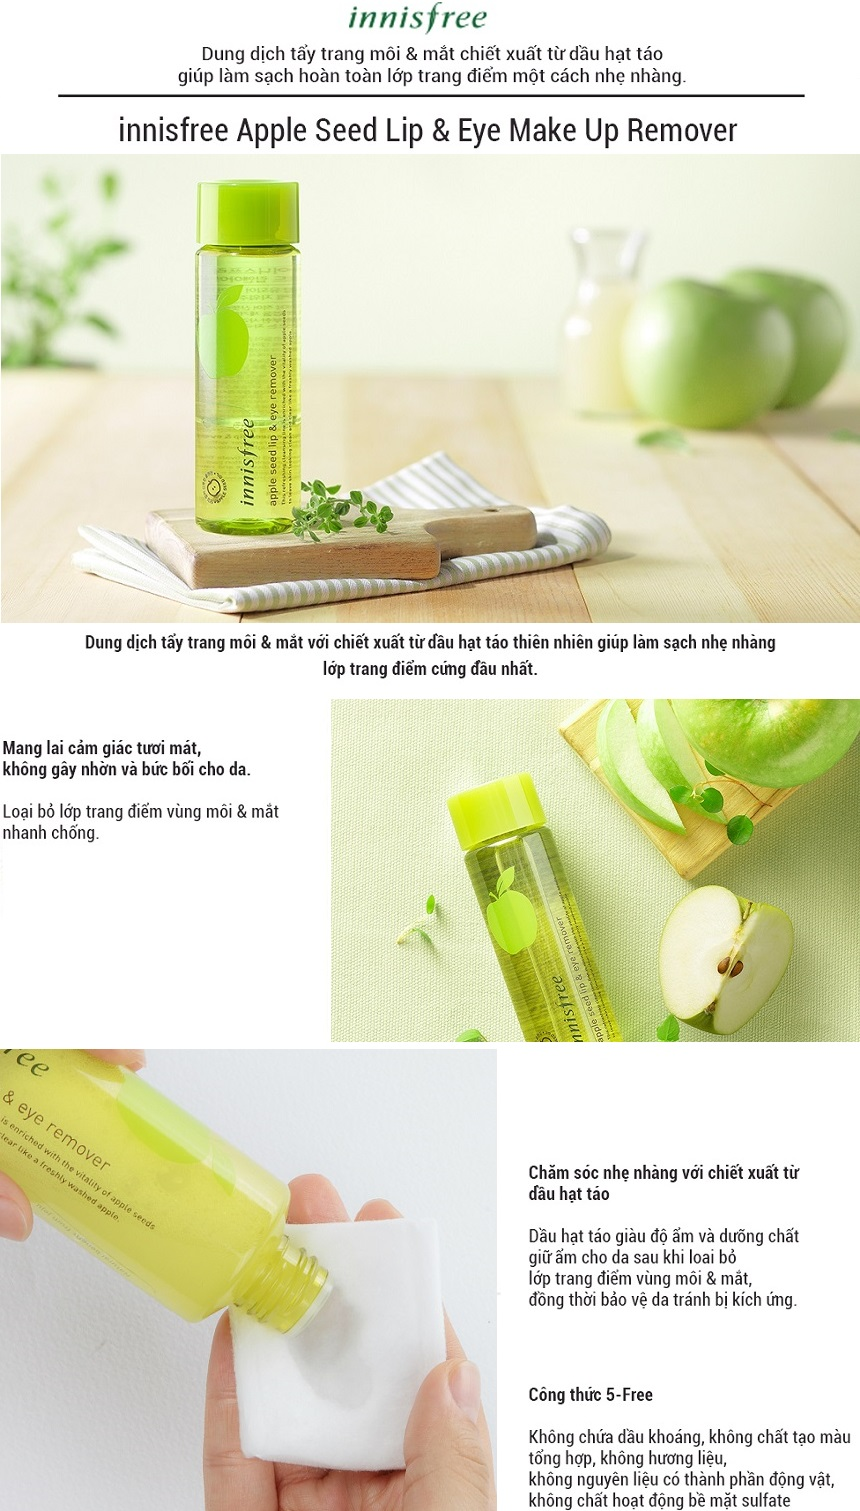 Tẩy trang mắt môi táo Innisfree Apple Seed Lip & Eye Remover